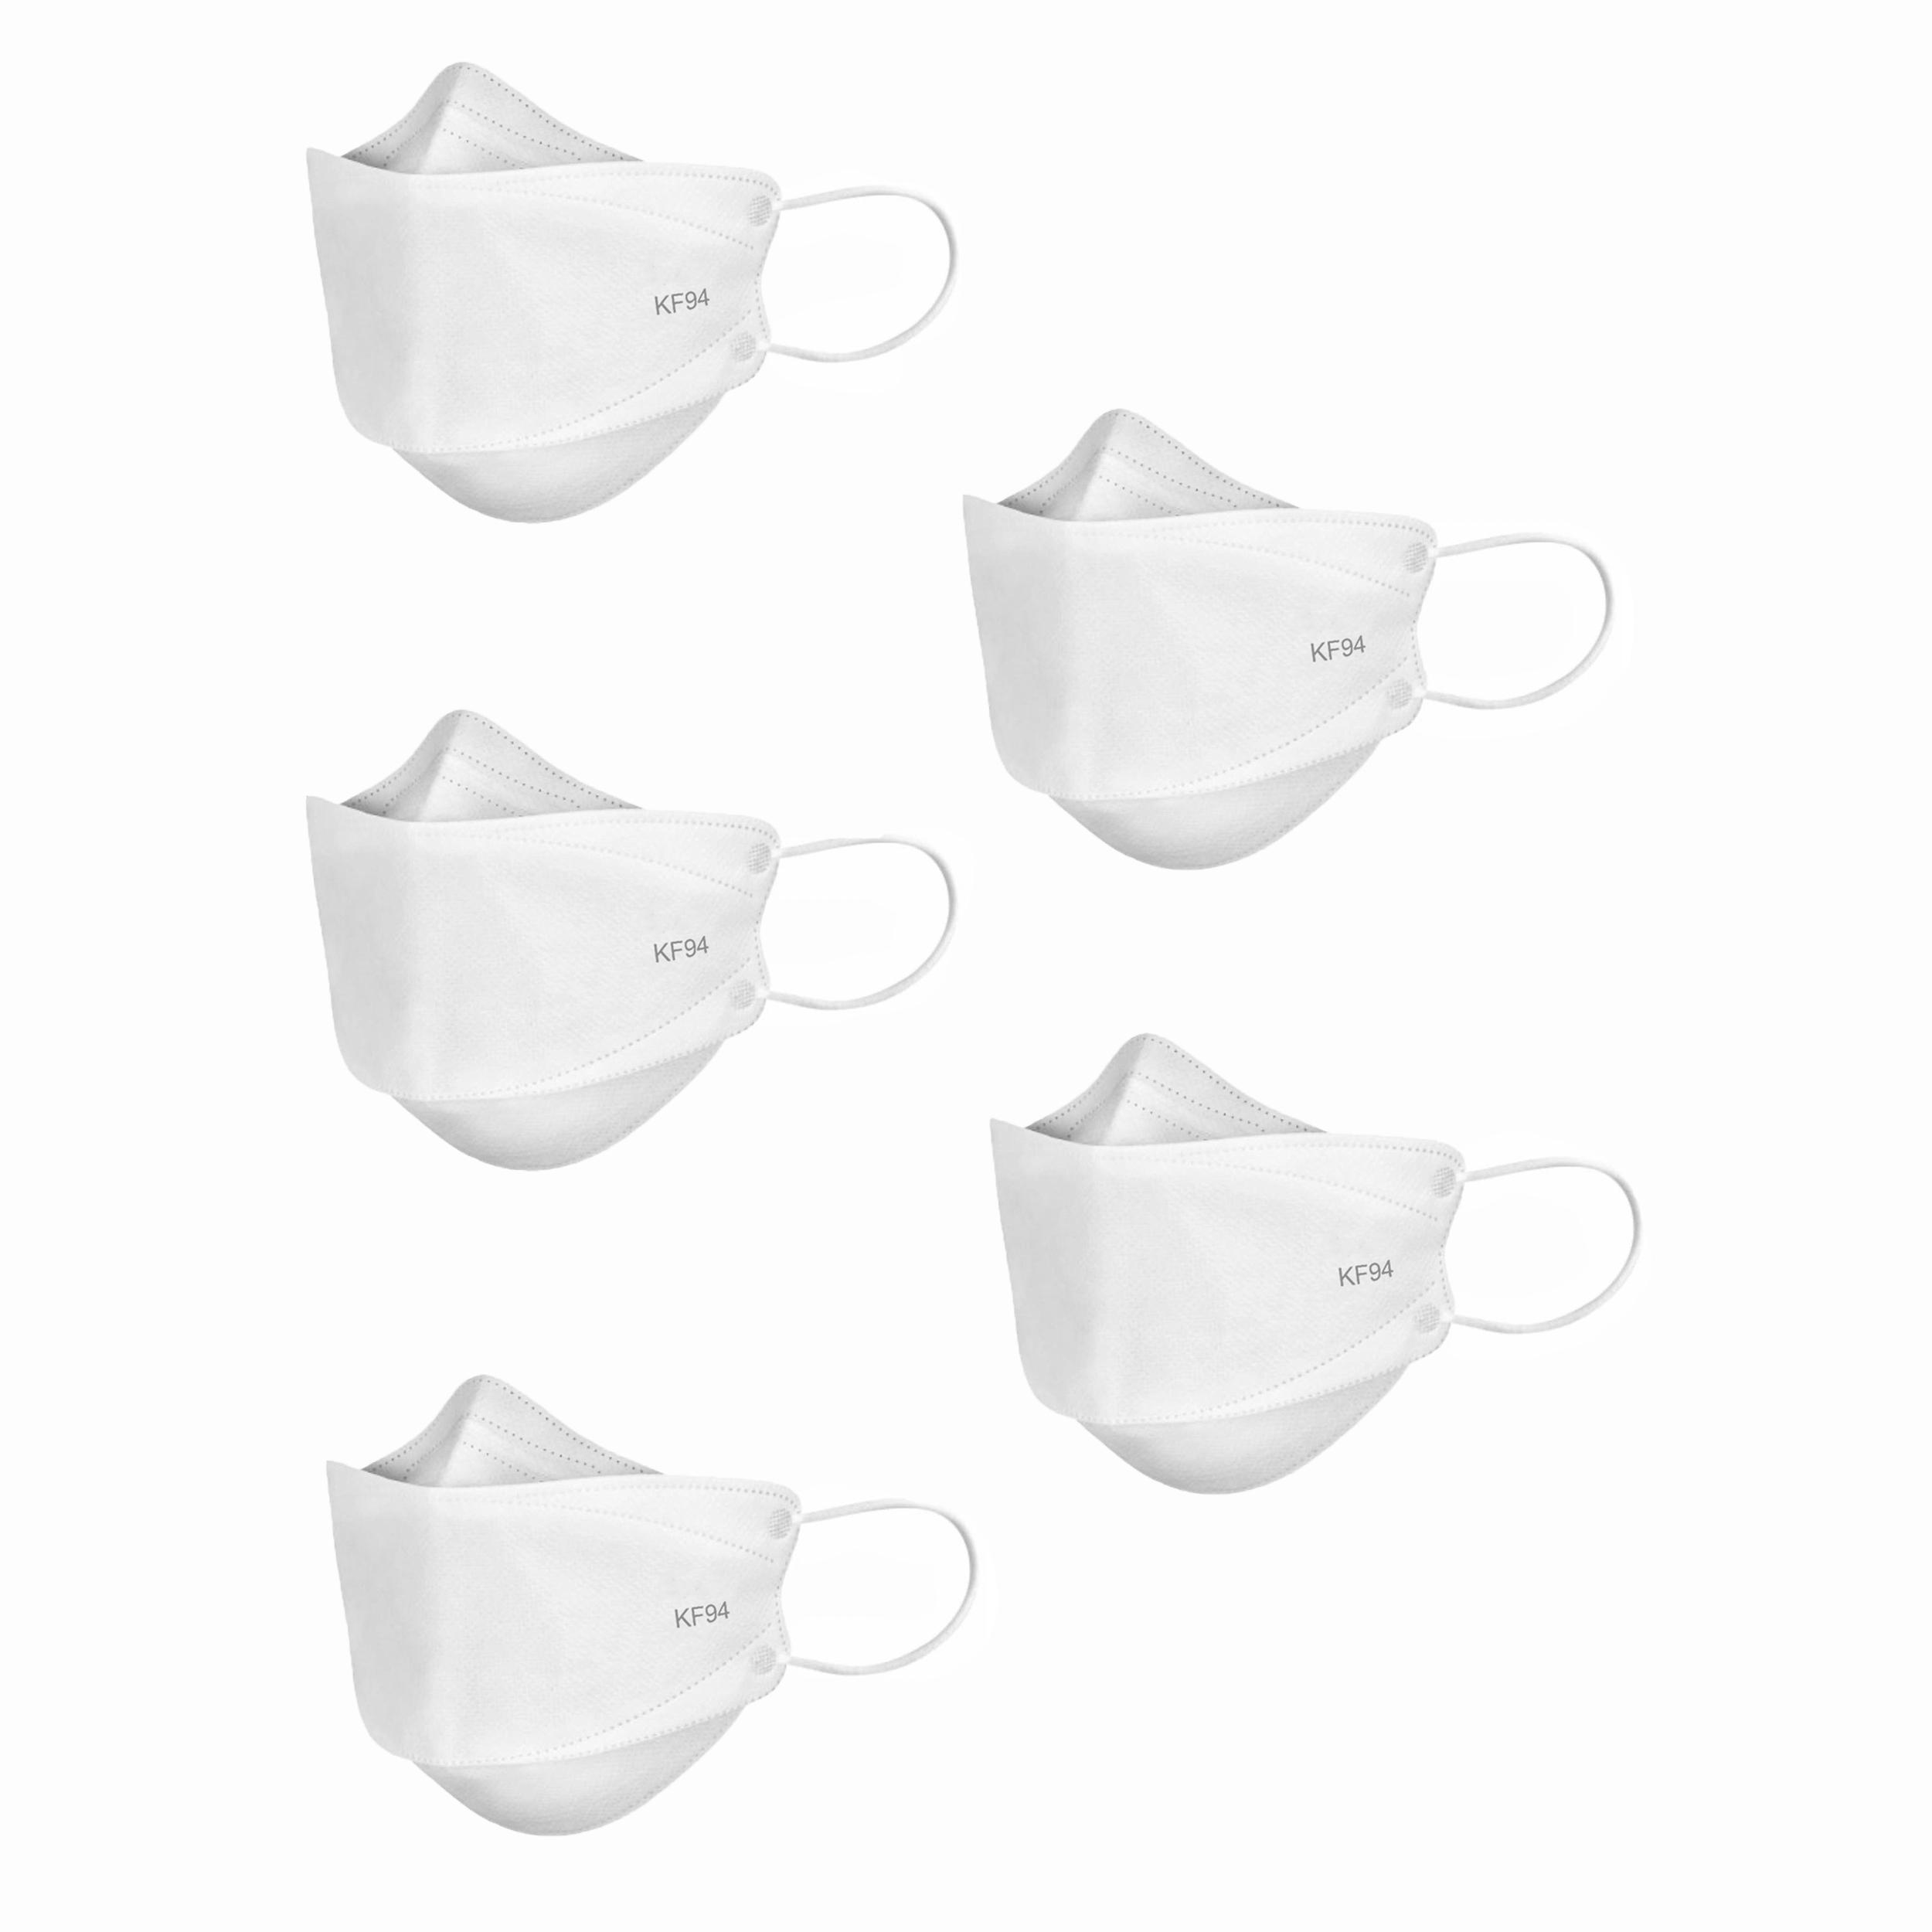 ماسک تنفسی اس اچ ام کد LY4-0067-W بسته 5 عددی